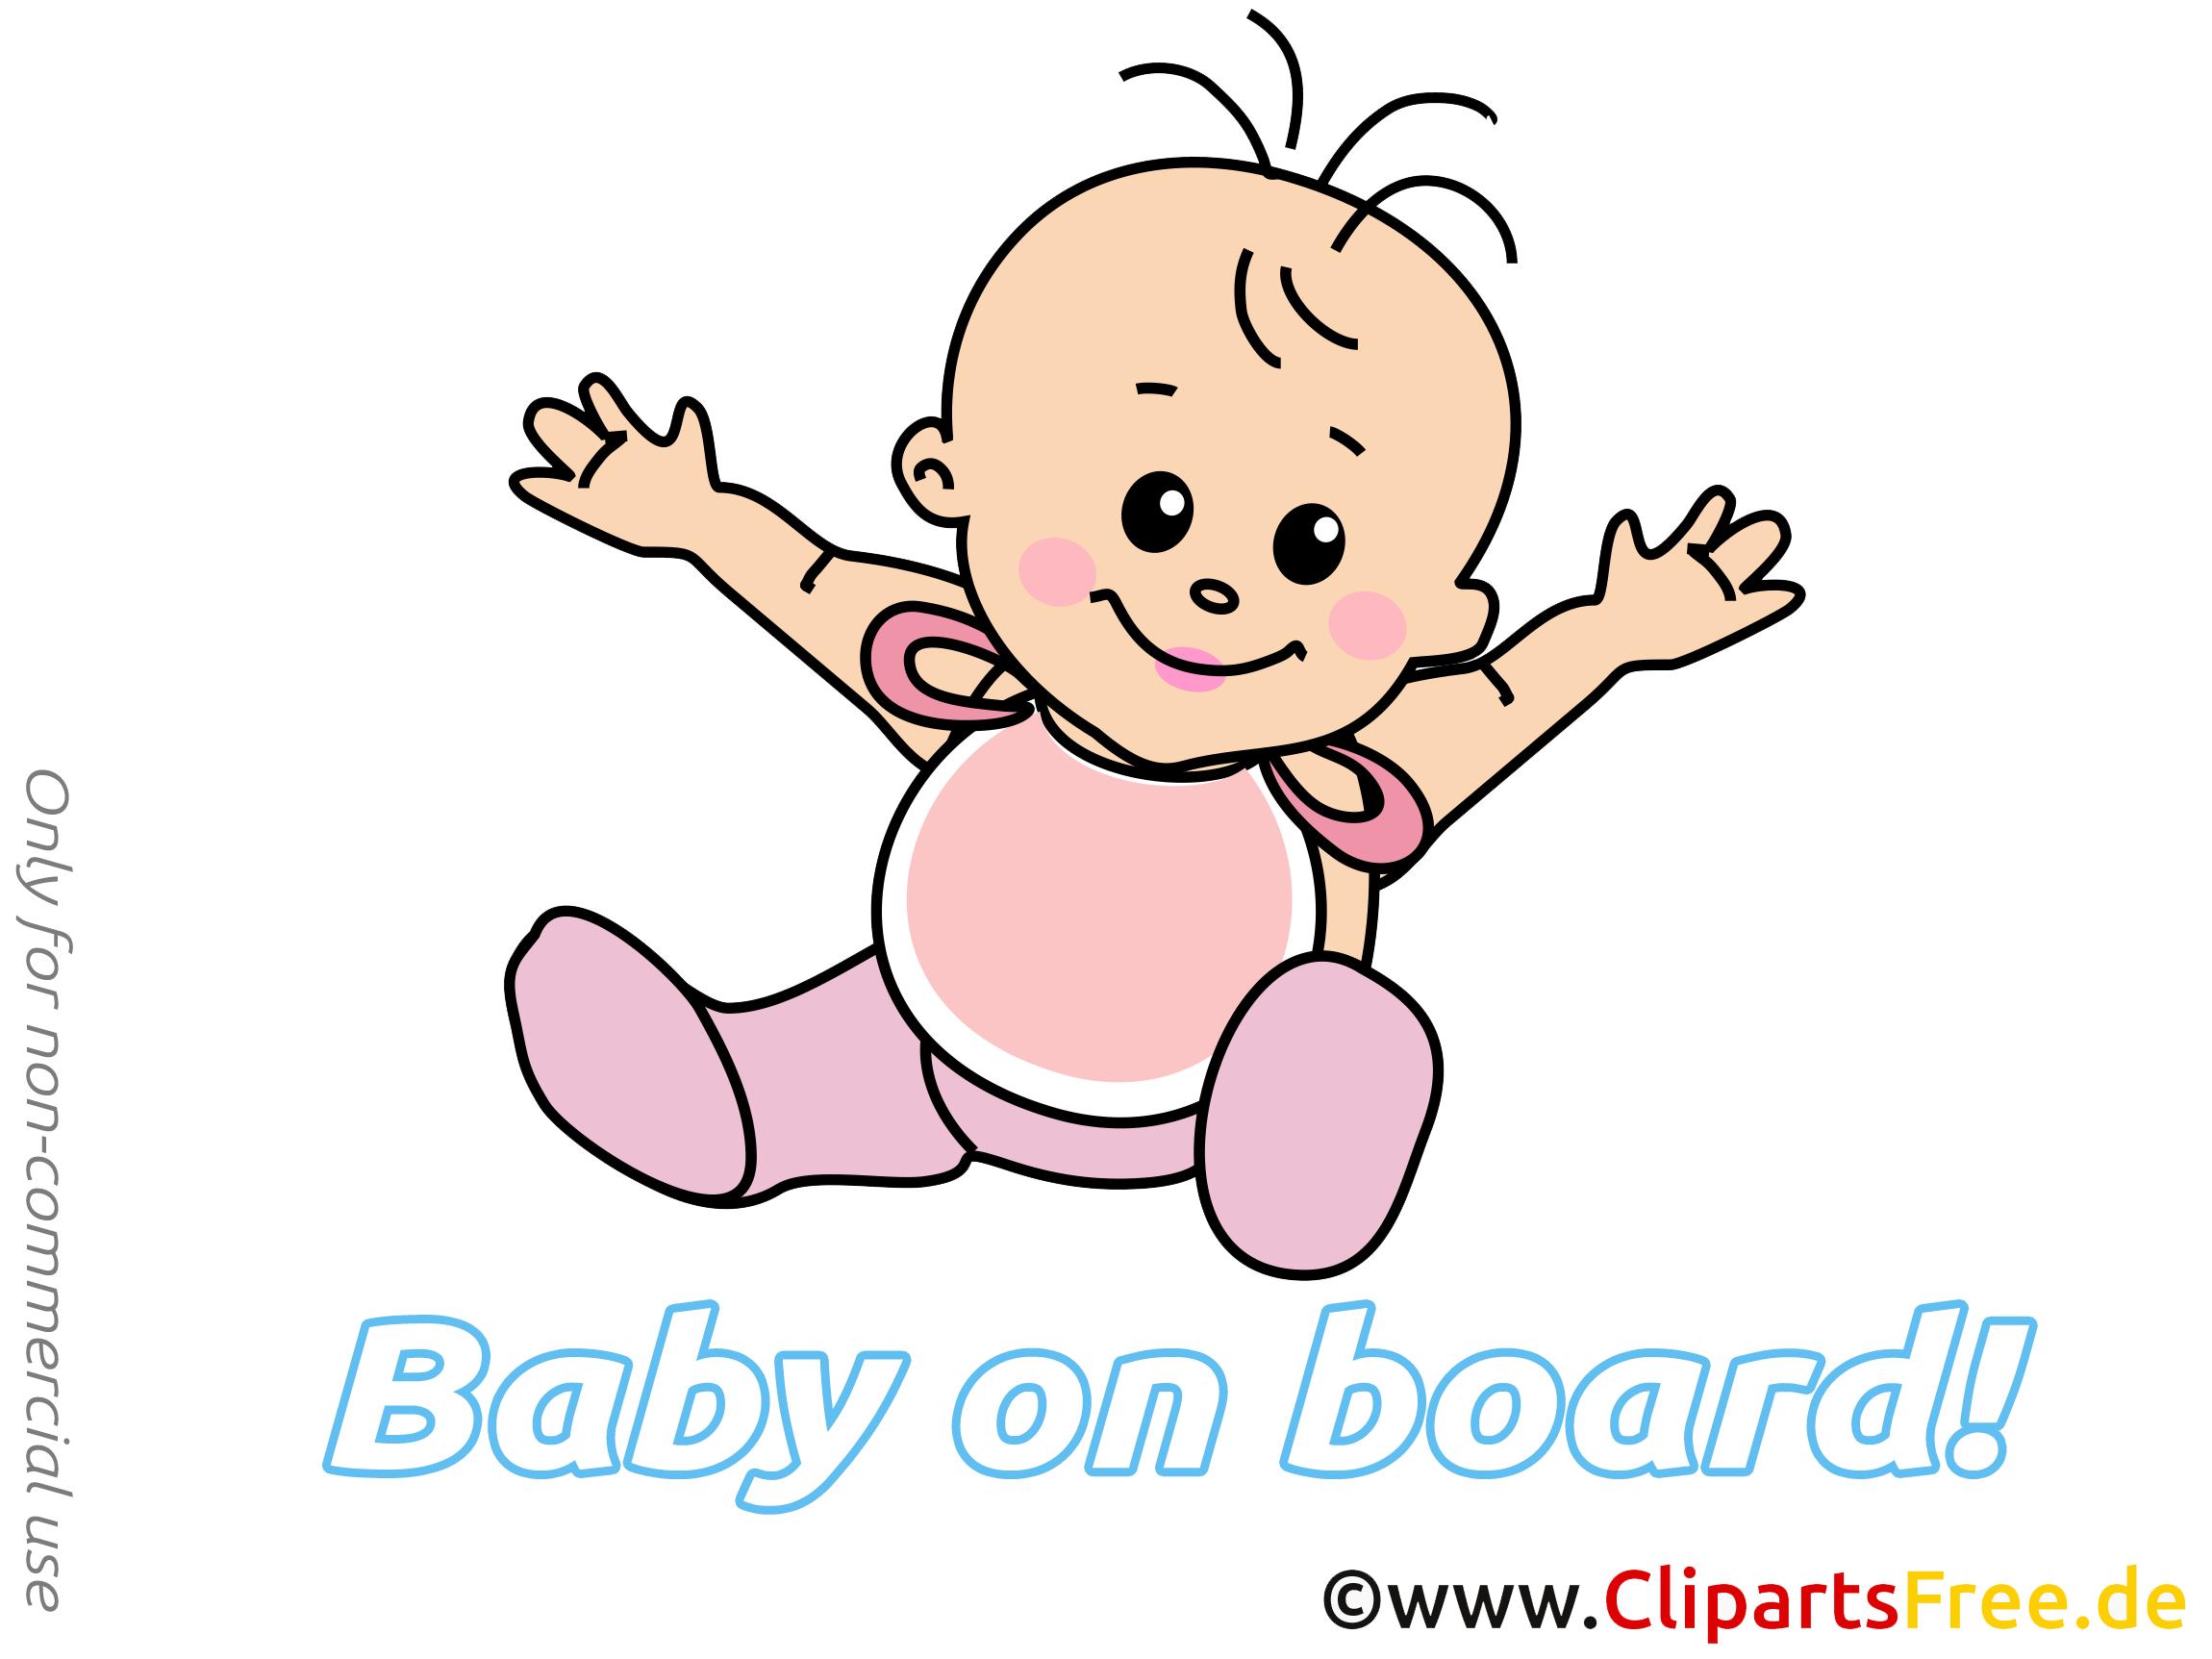 Clip art bébé à bord image gratuite